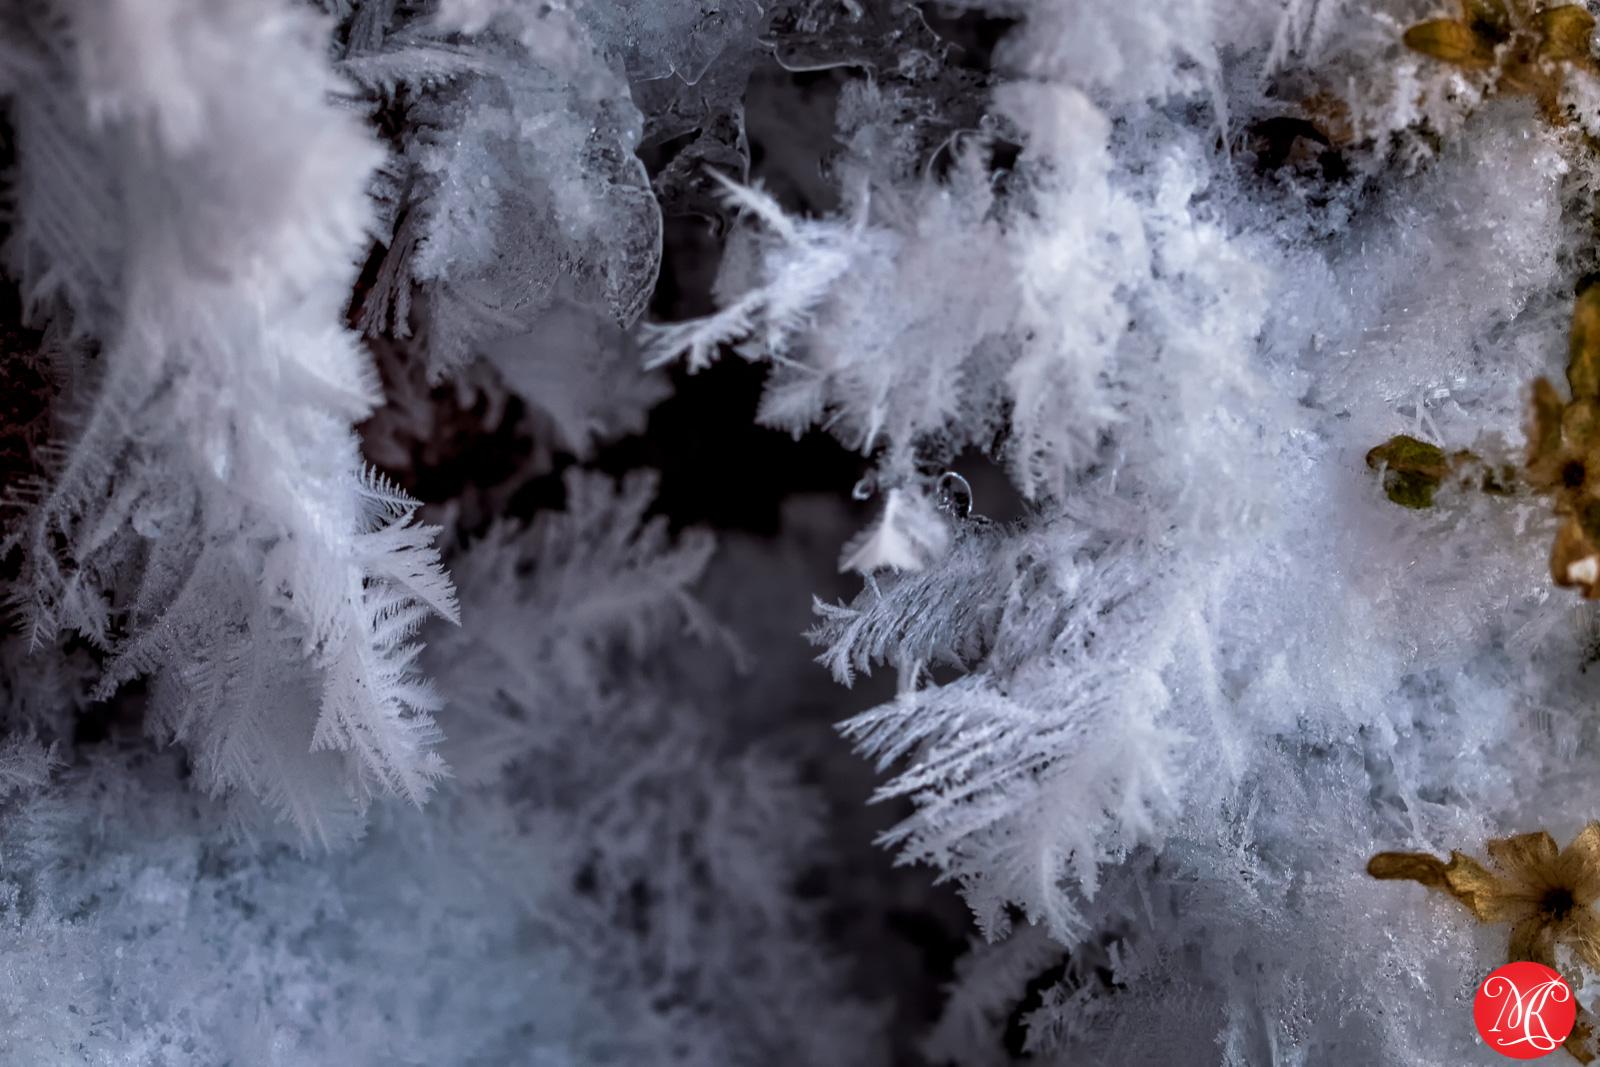 Frozen world 9